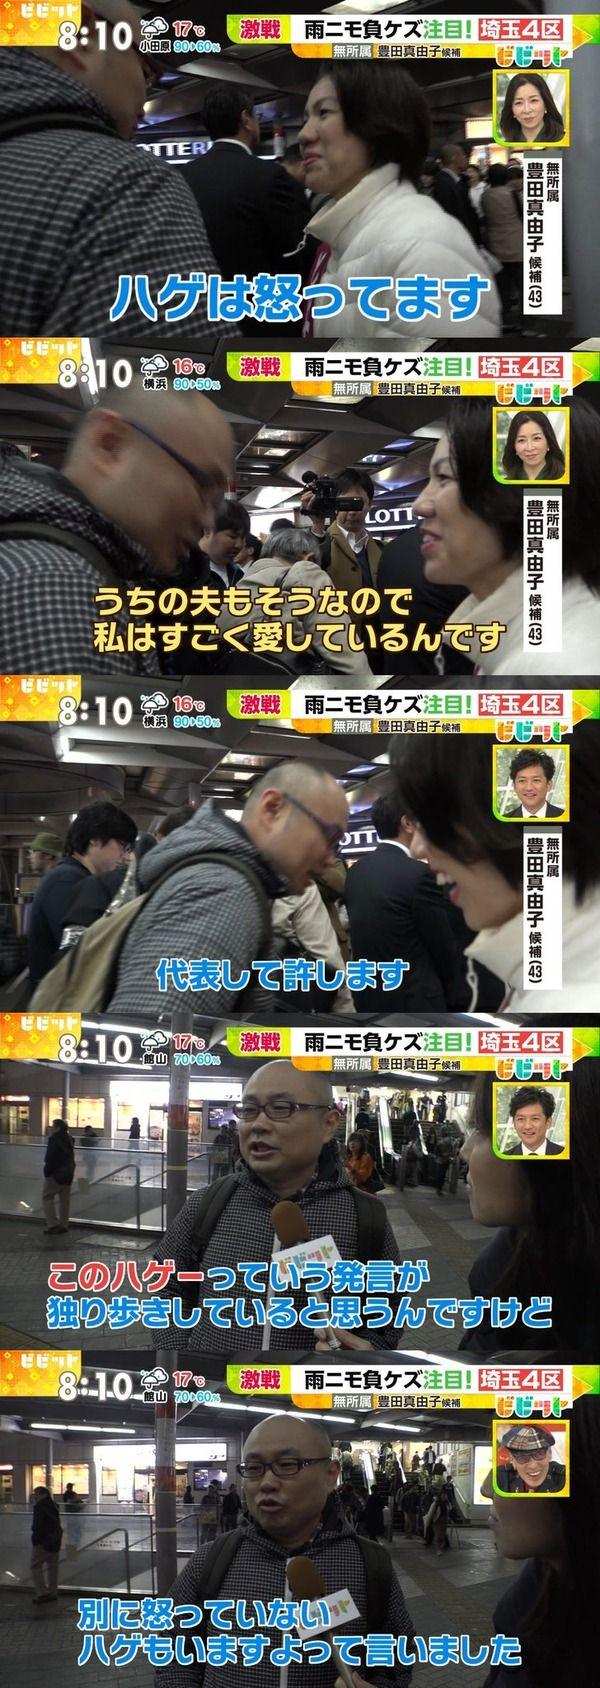 豊田真由子 ハゲ 許される ユリオカ超特Qに関連した画像-03